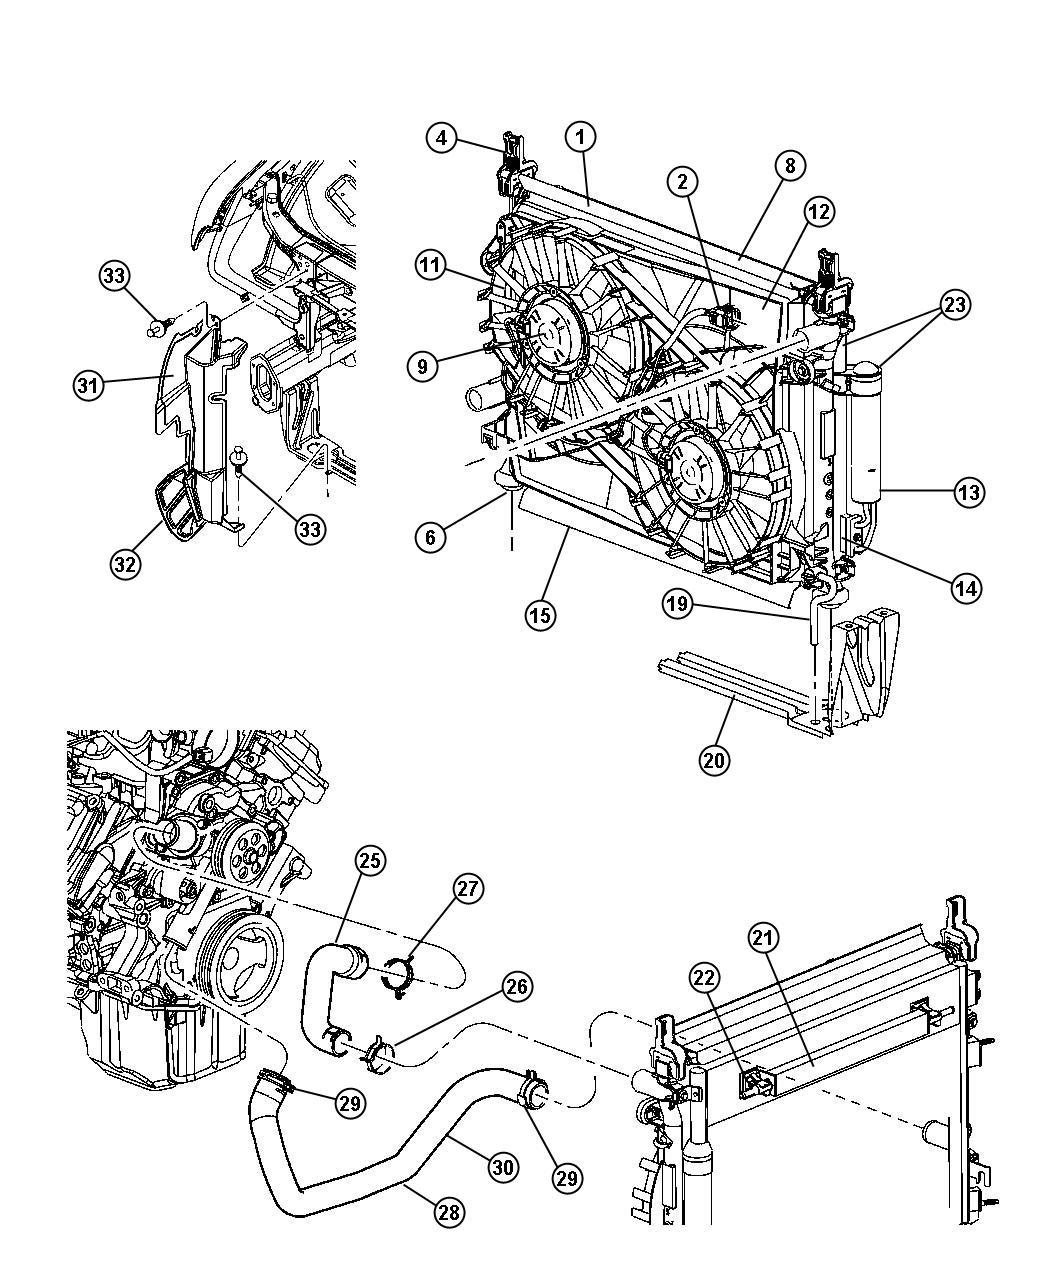 2005 Chrysler 300 Wiring. Fan motor. [nmk], [maximum duty